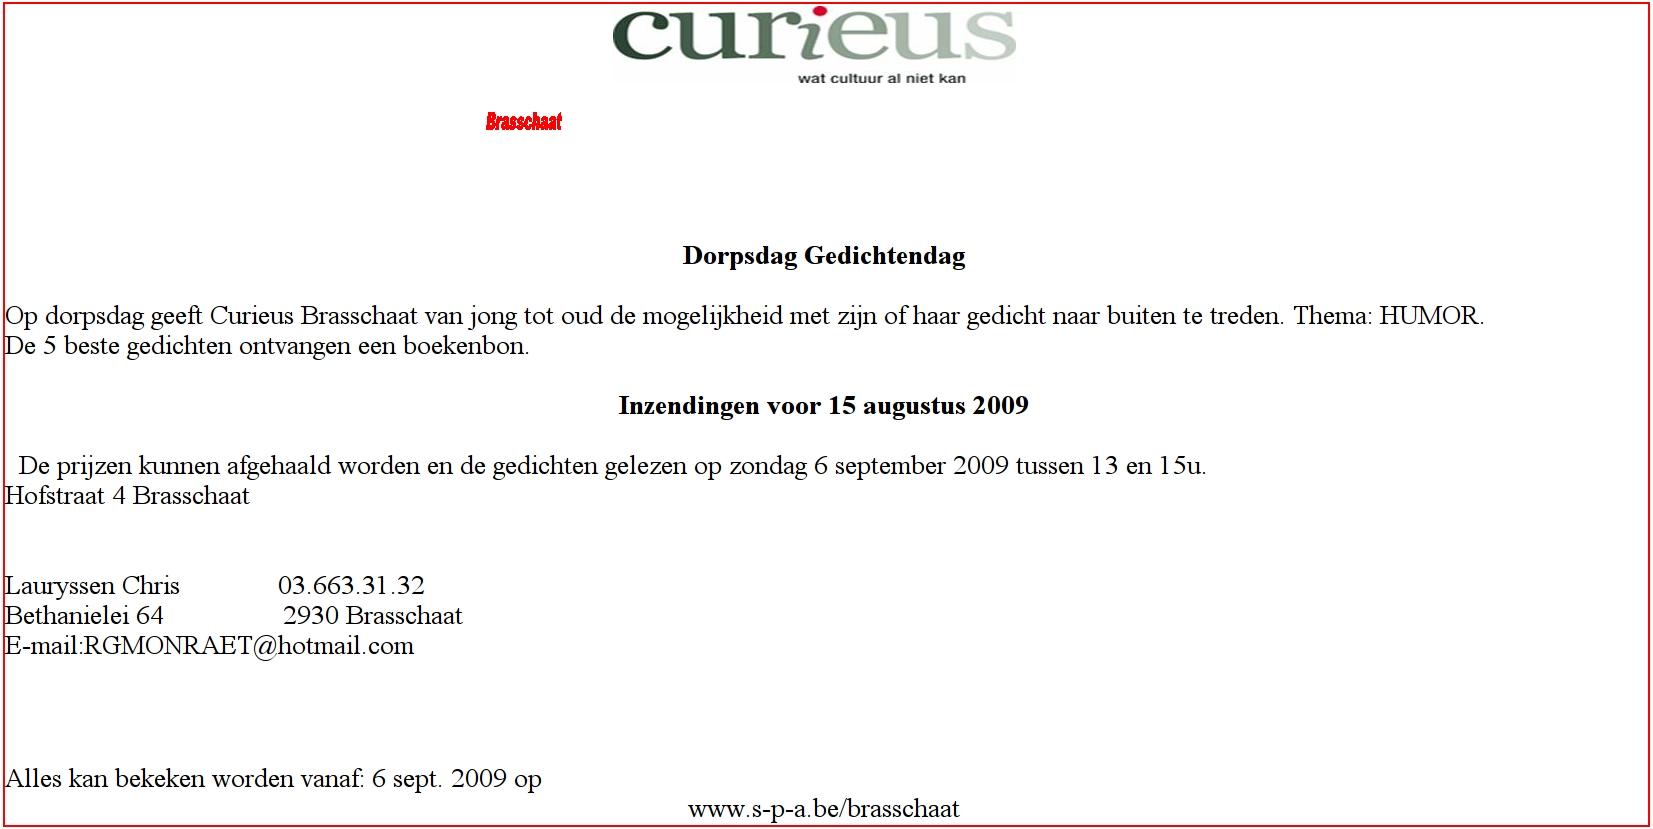 Curieus Brasschaat